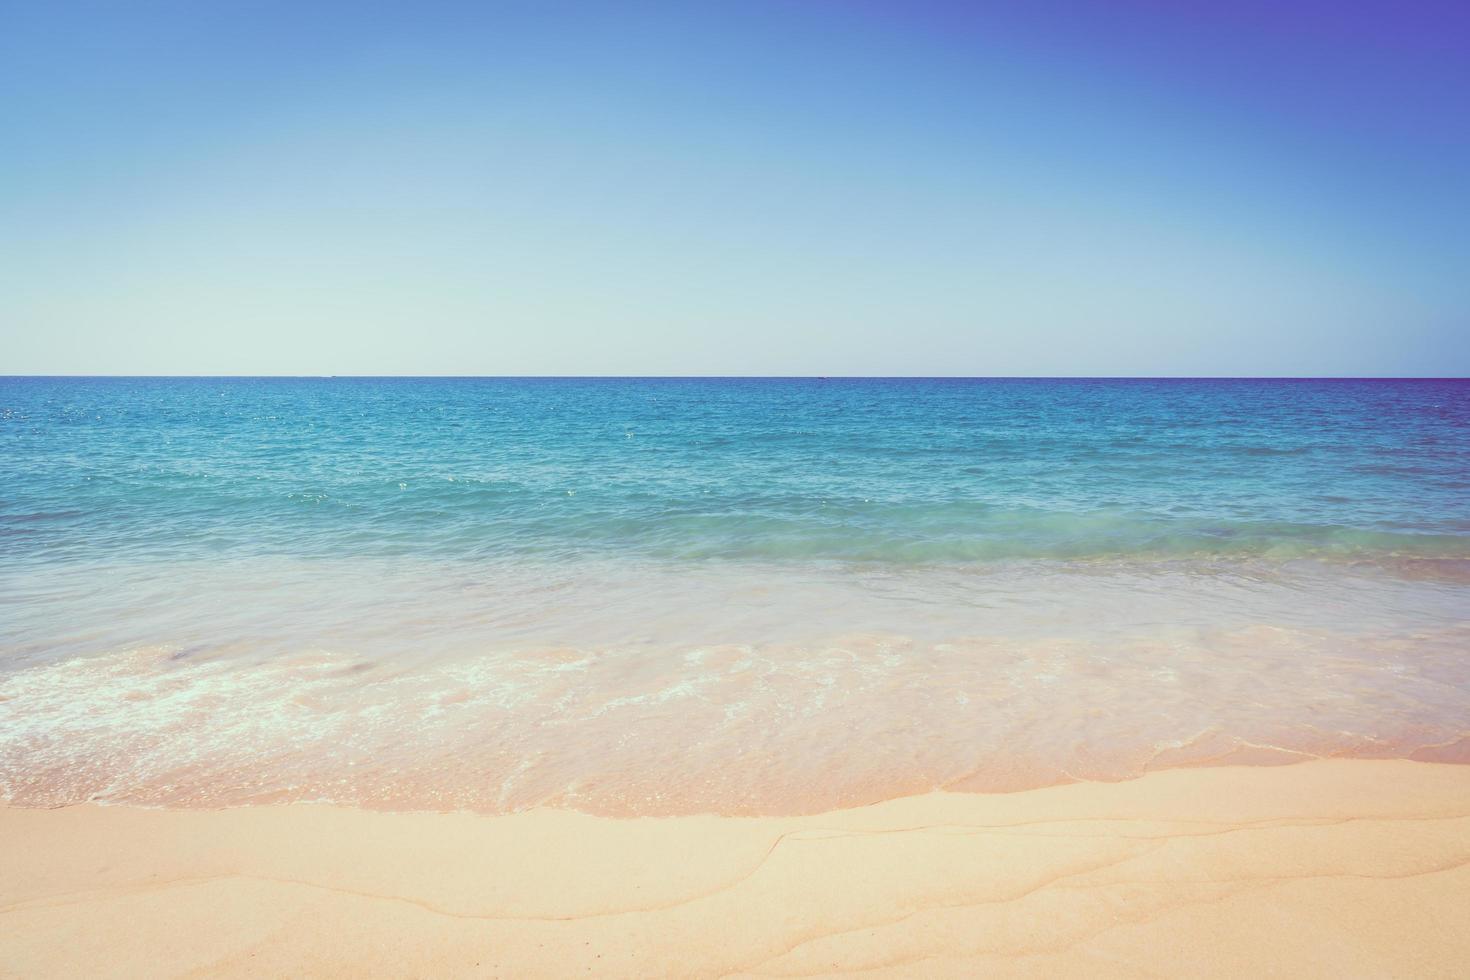 belle plage de sable et mer photo